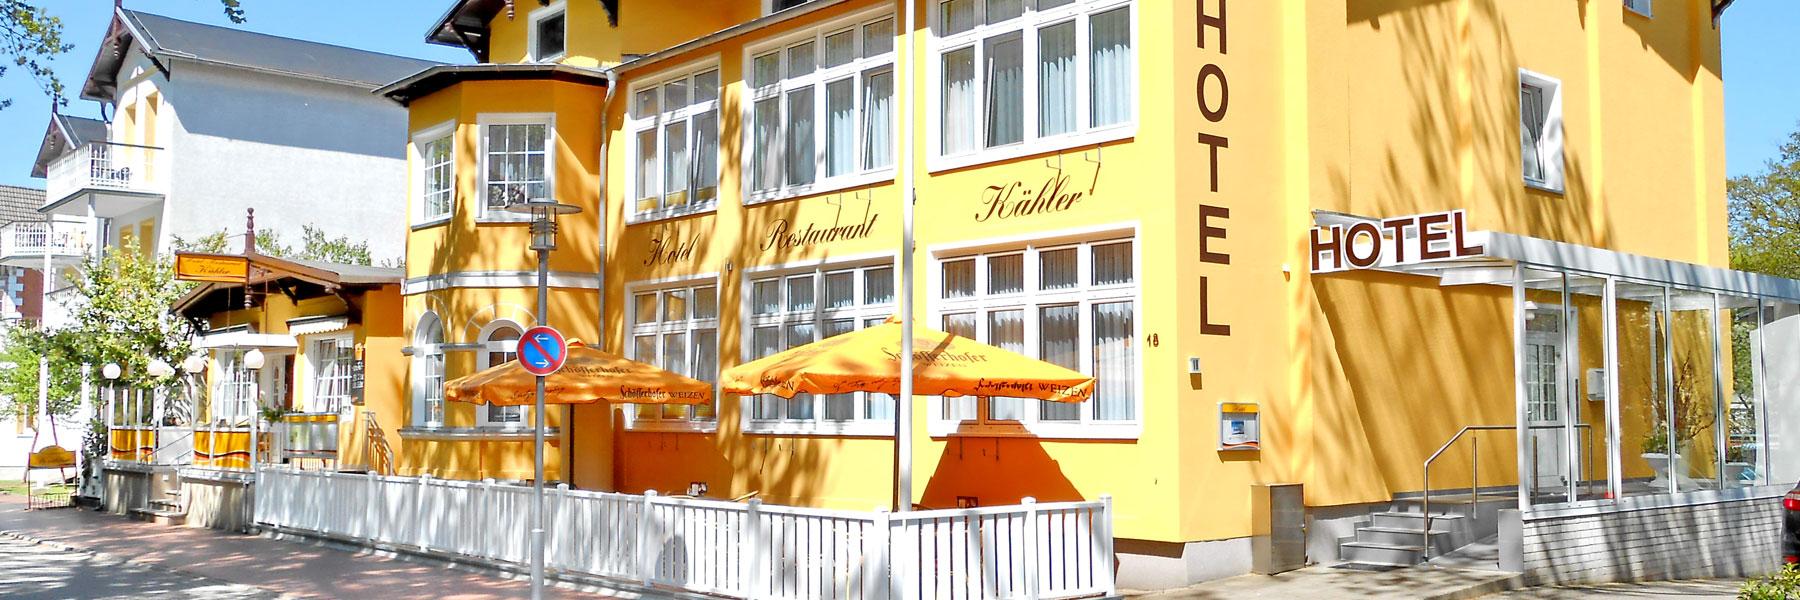 Außenansicht - Hotel und Restaurant Kähler